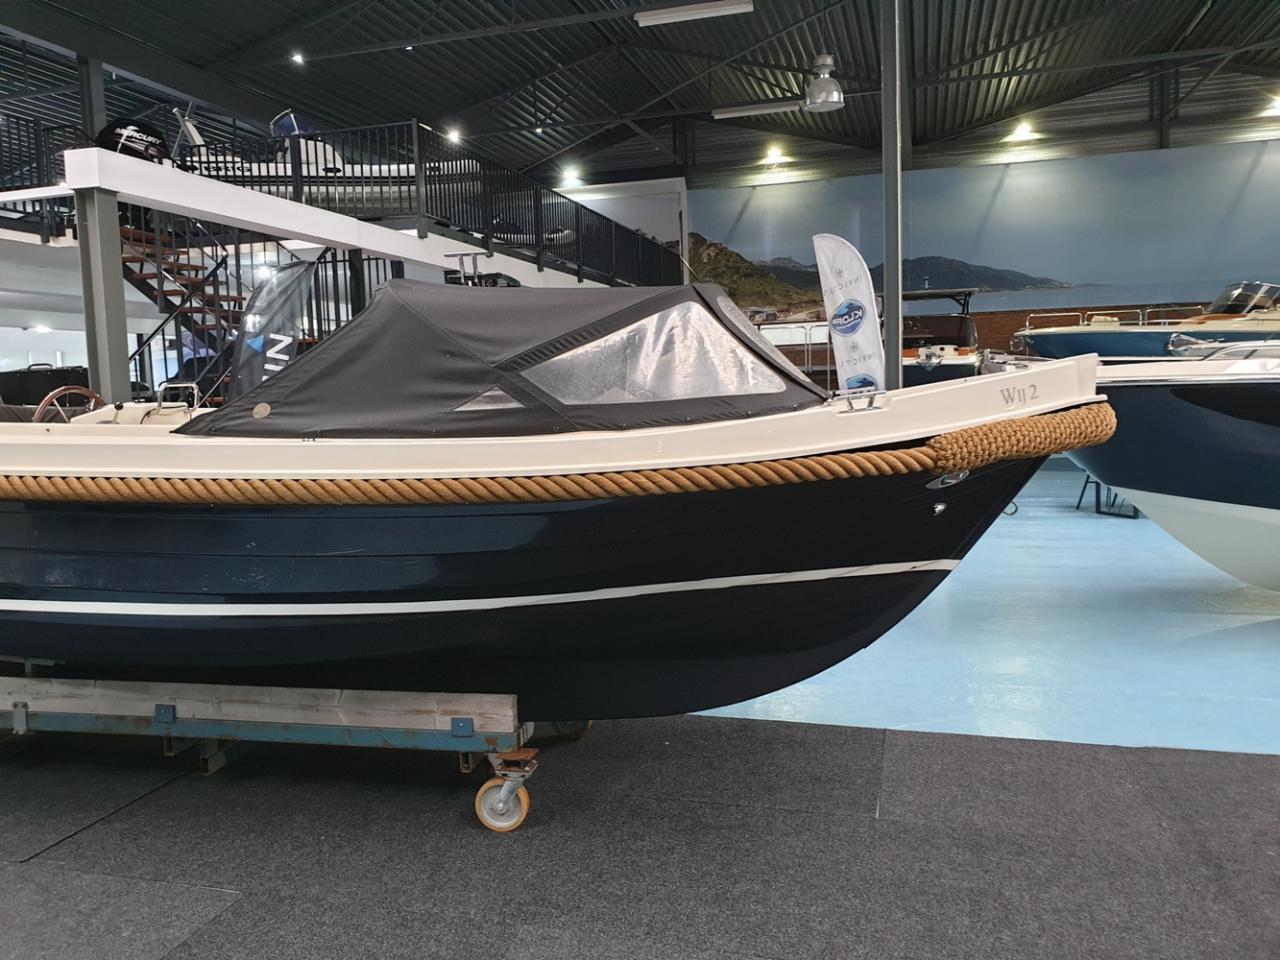 Wato 630 sloep met Vetus 27 pk 2